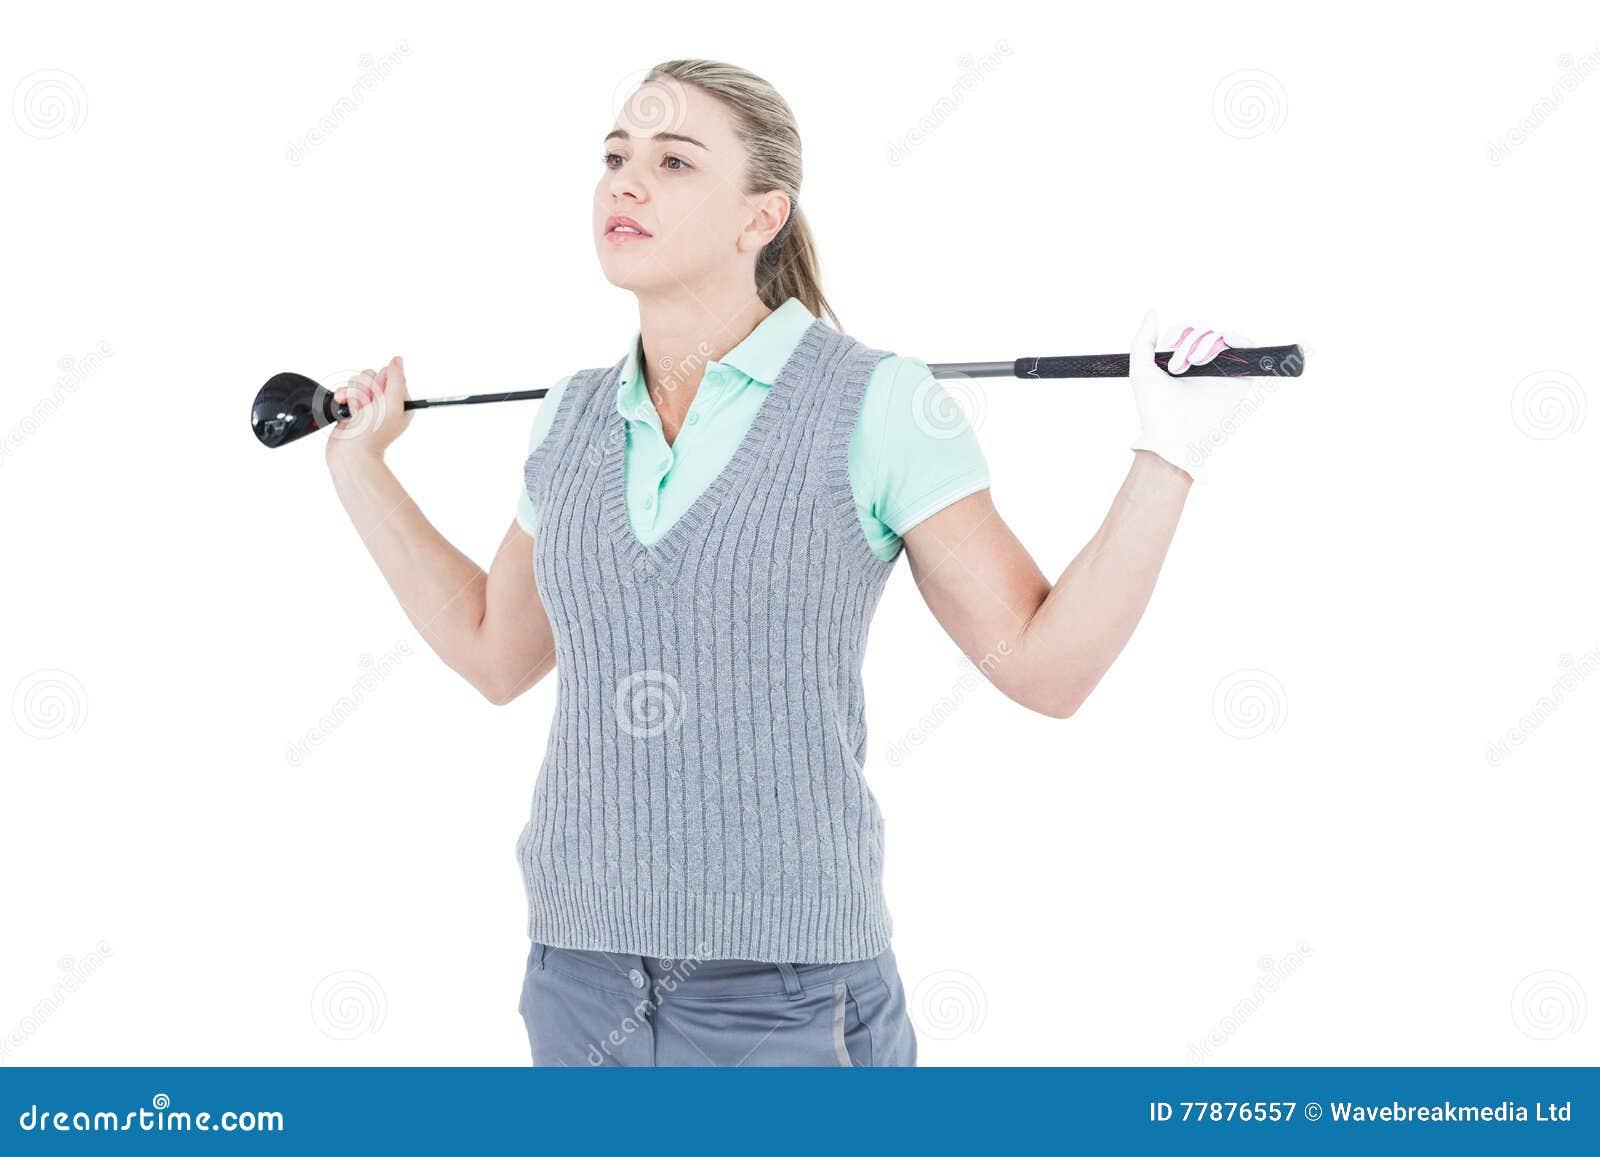 Presentación Bastante Rubia Con El Equipo De Golf Foto de archivo